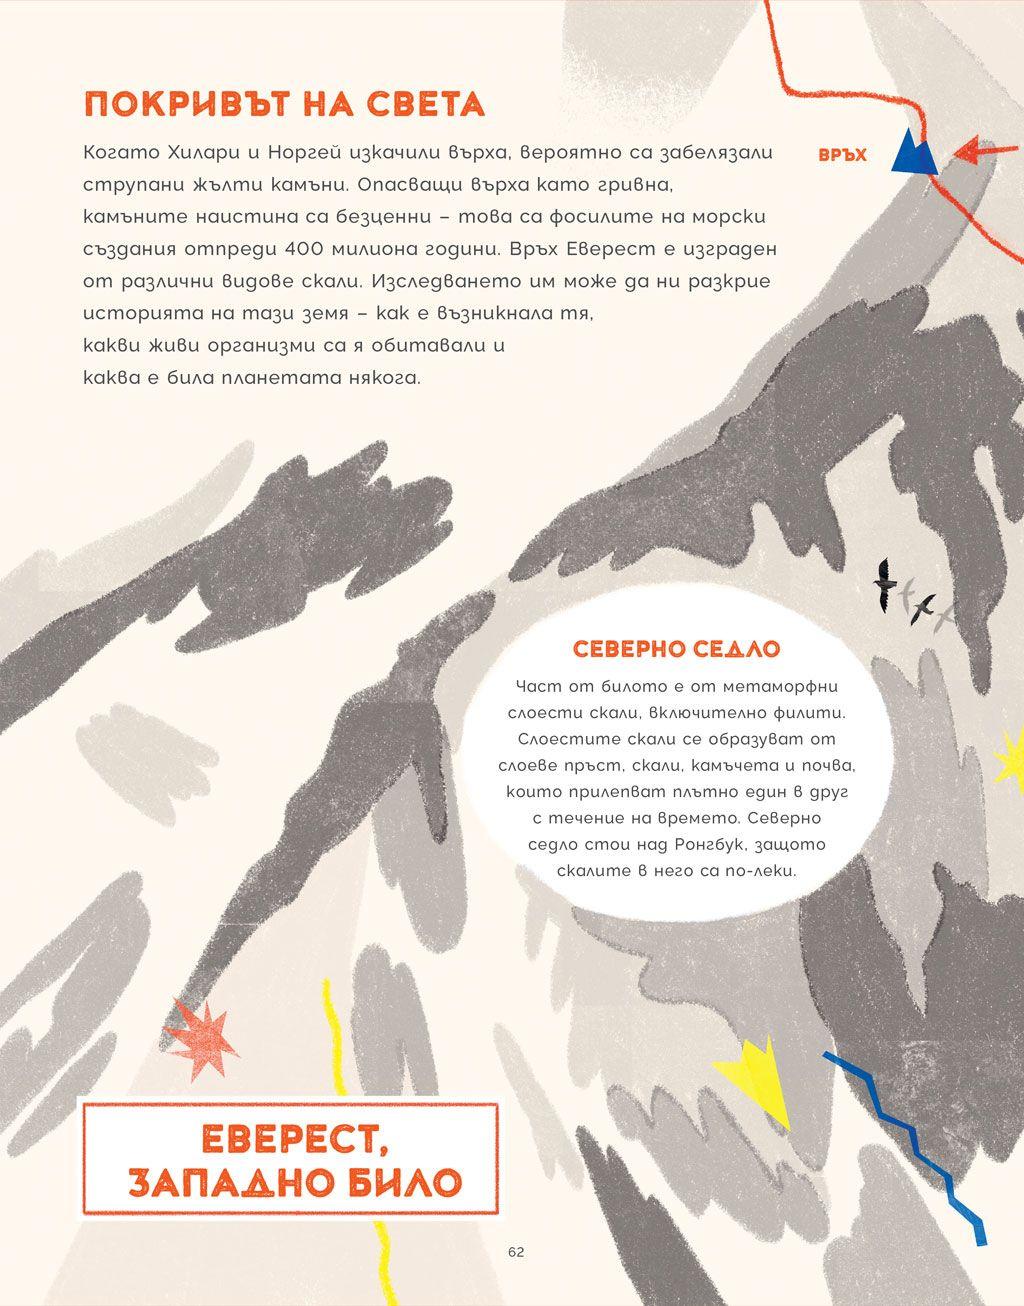 Еверест (Сангма Франсис) - 5